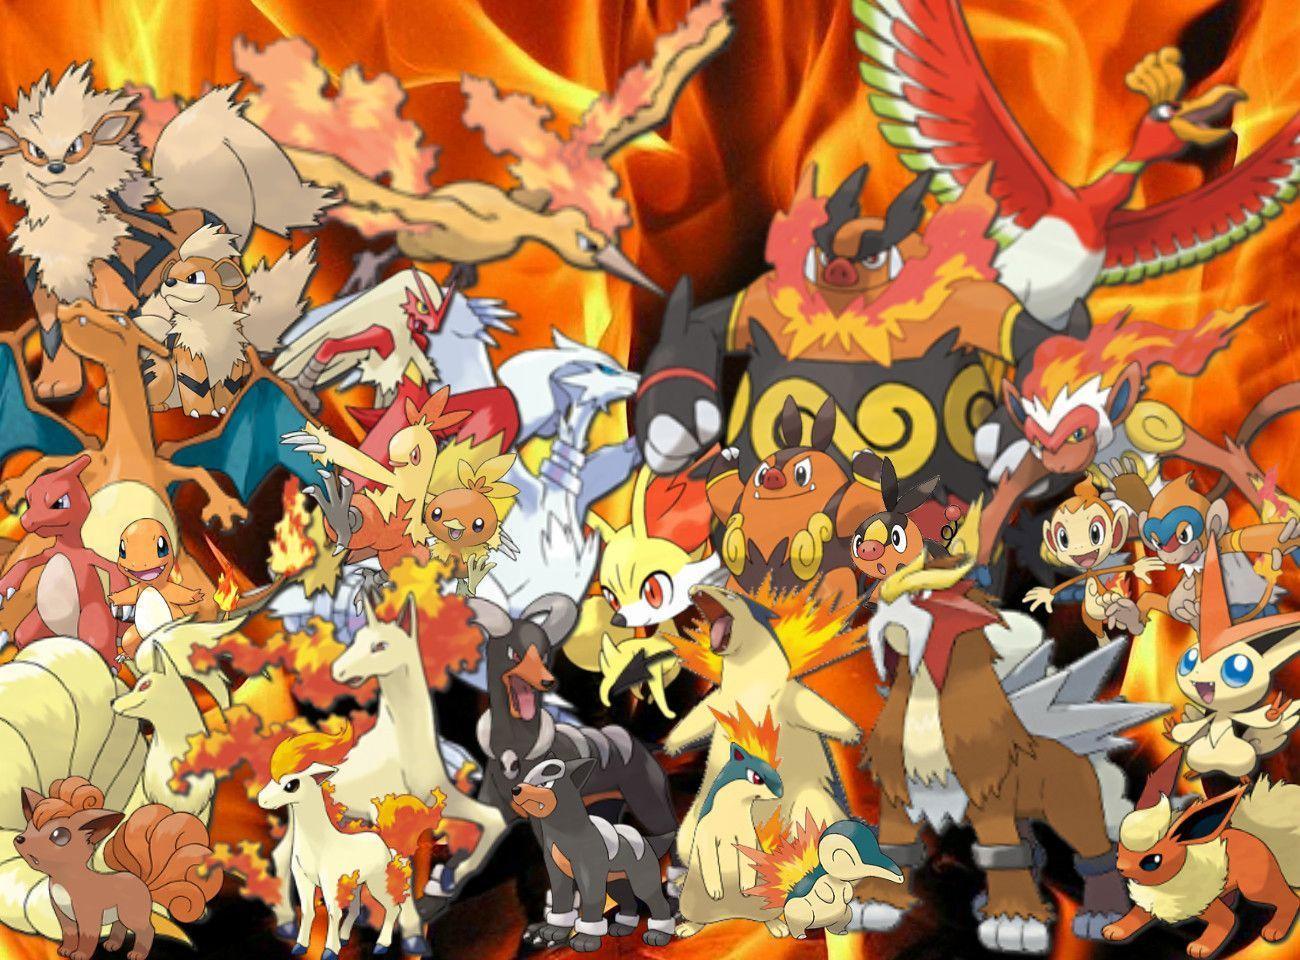 Fire Pokemon Wallpaper Hd